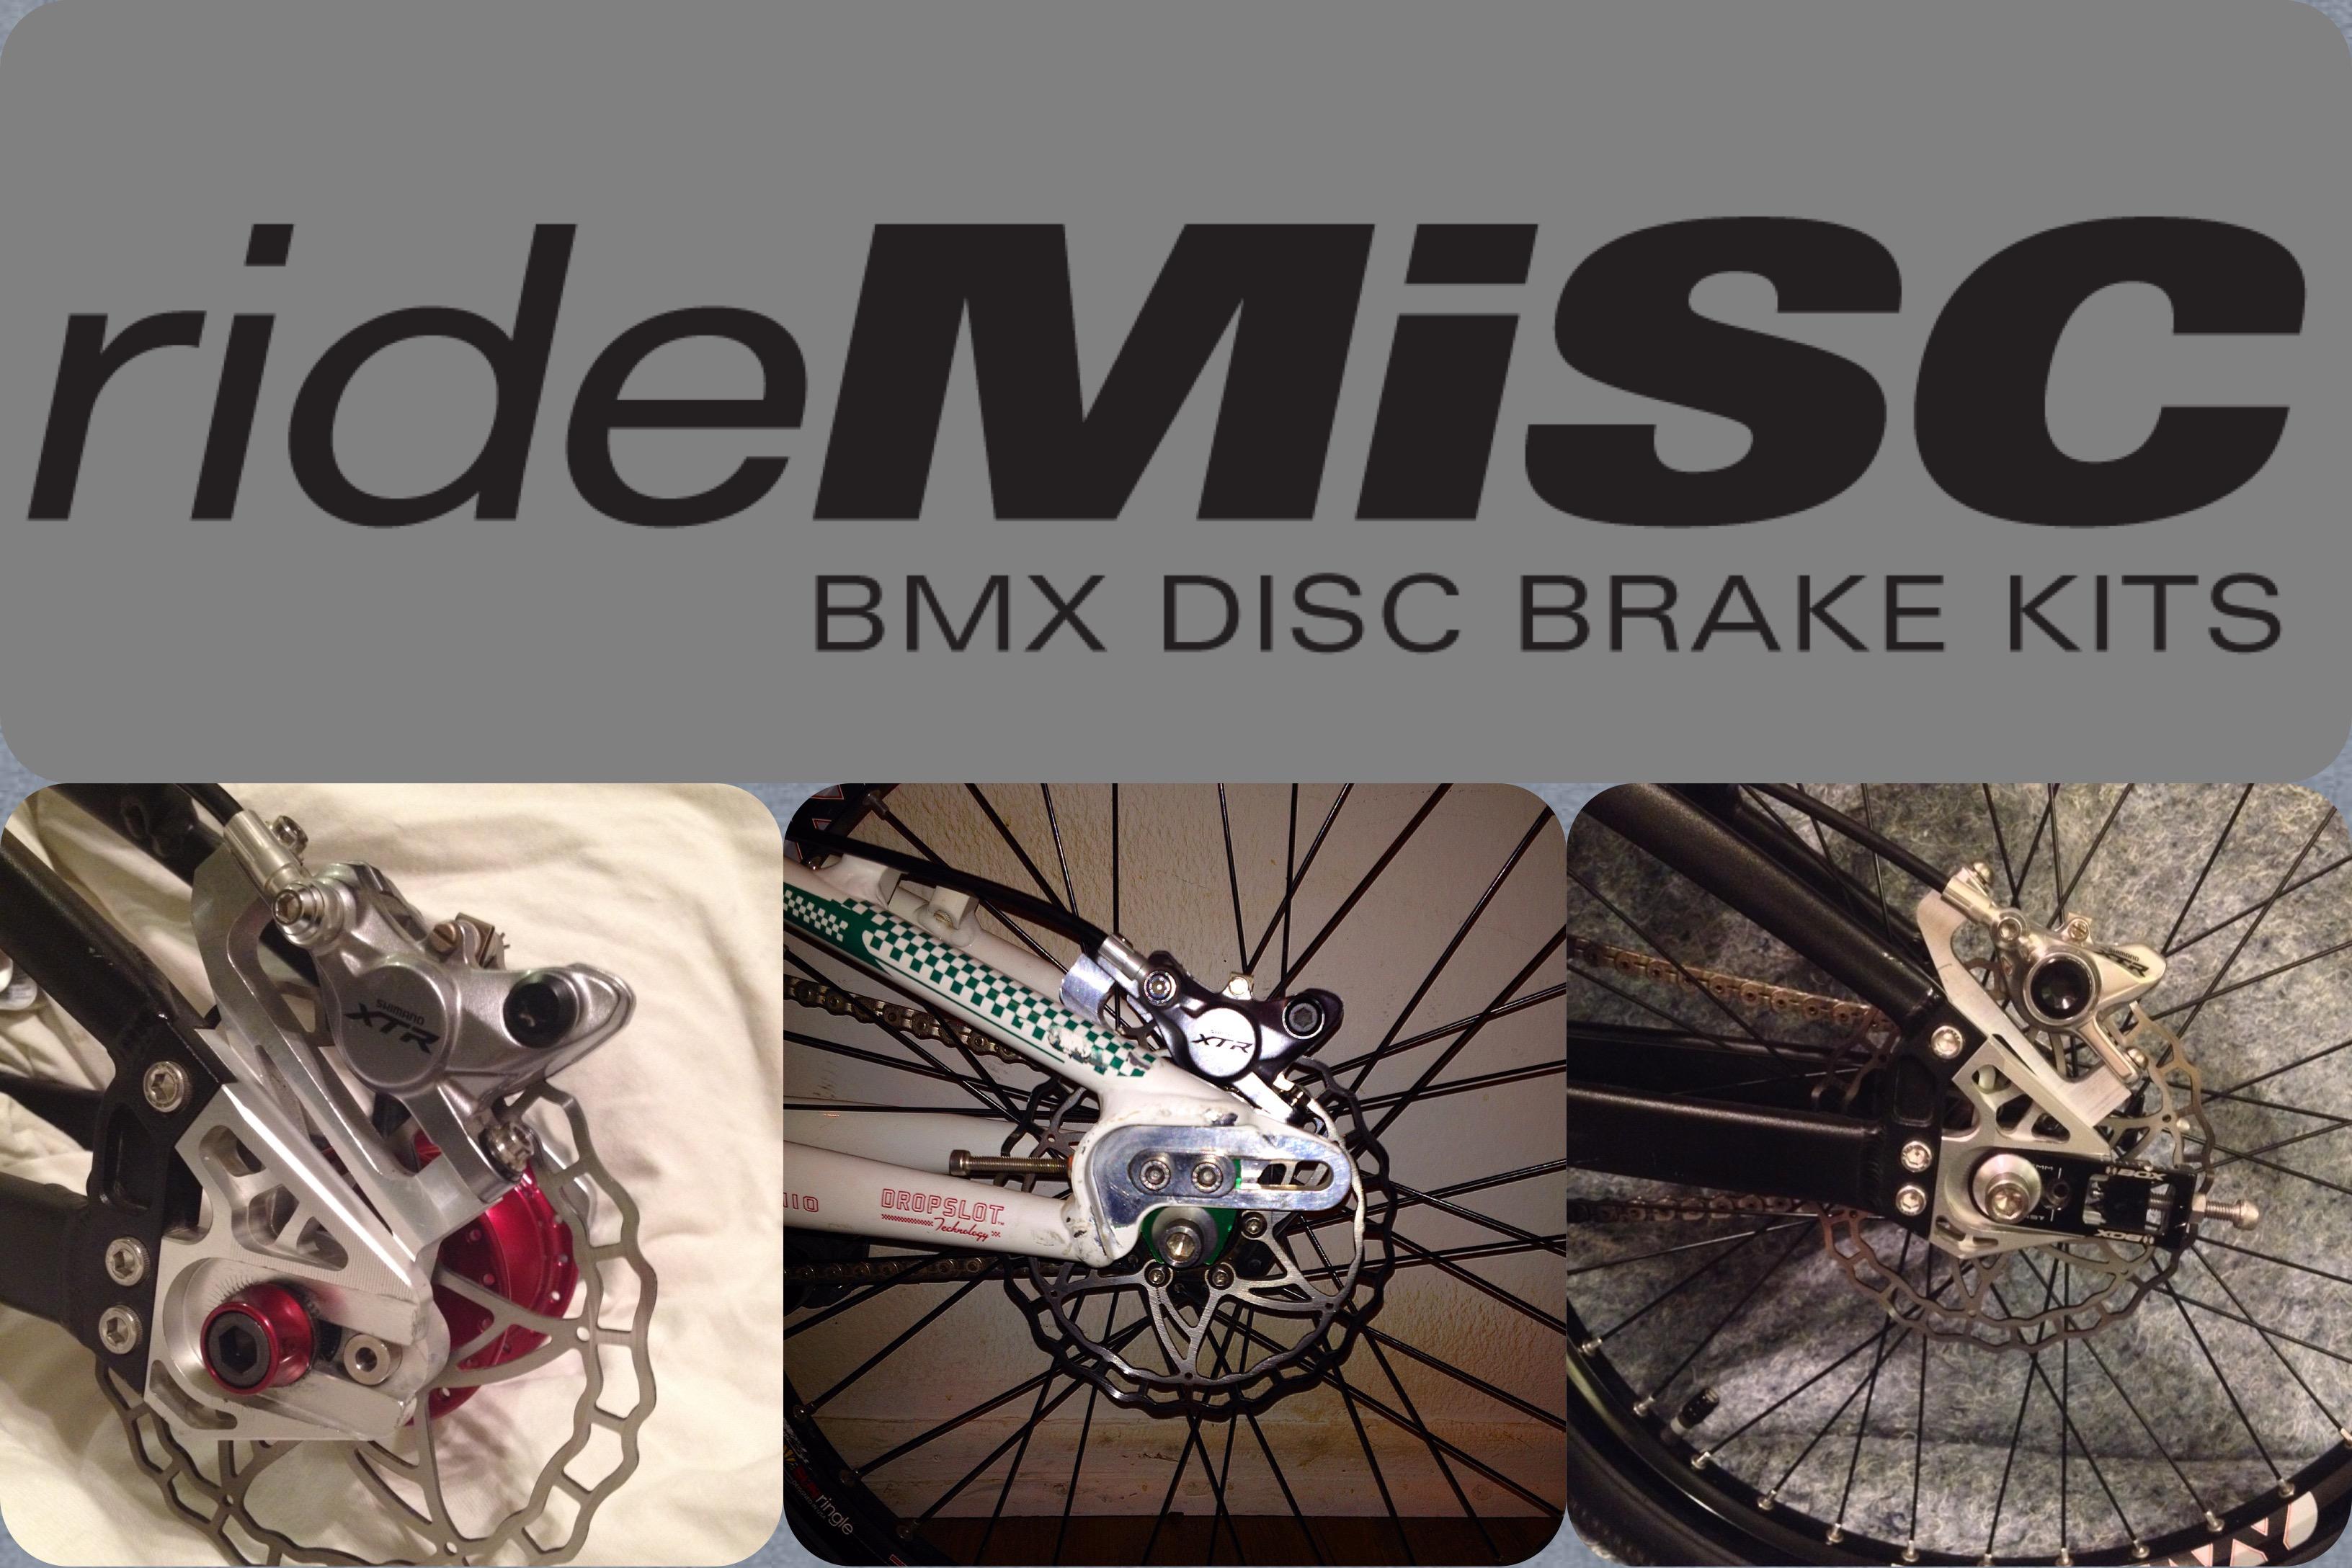 Fabmx1 » Rouler avec un disque, c'est possible avec Ride MISC !